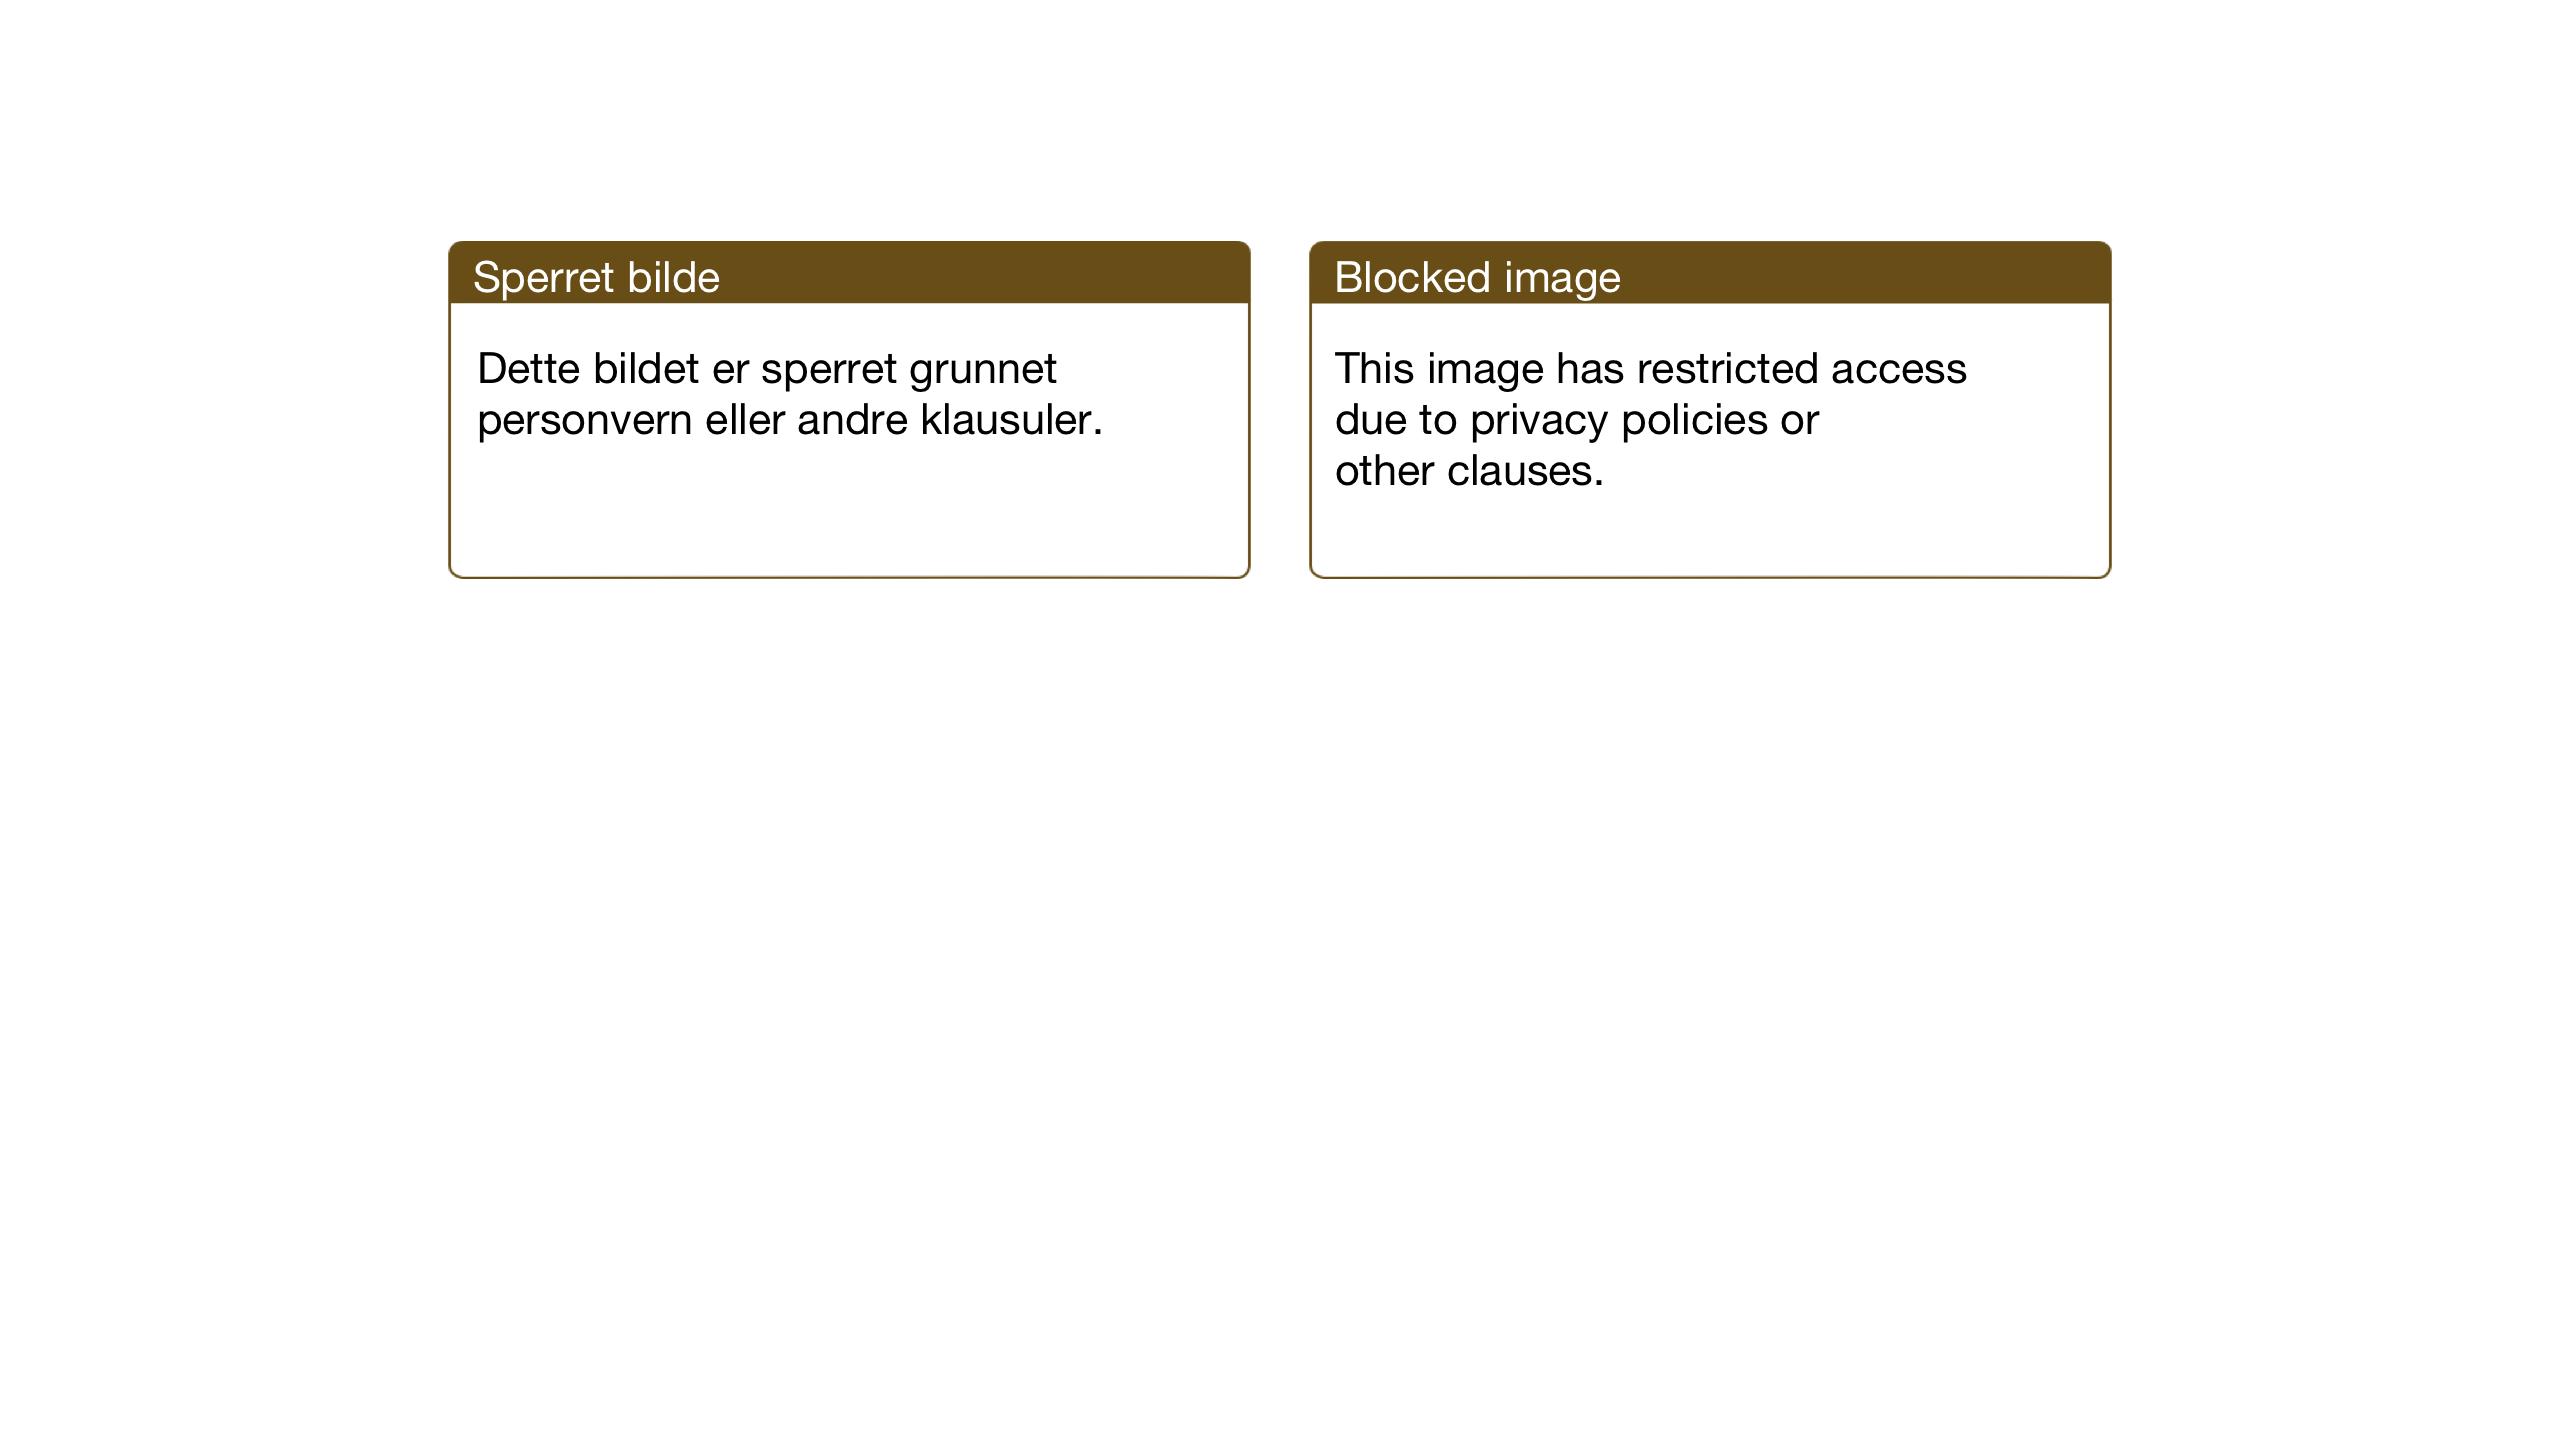 SAT, Ministerialprotokoller, klokkerbøker og fødselsregistre - Sør-Trøndelag, 696/L1161: Klokkerbok nr. 696C01, 1902-1950, s. 66